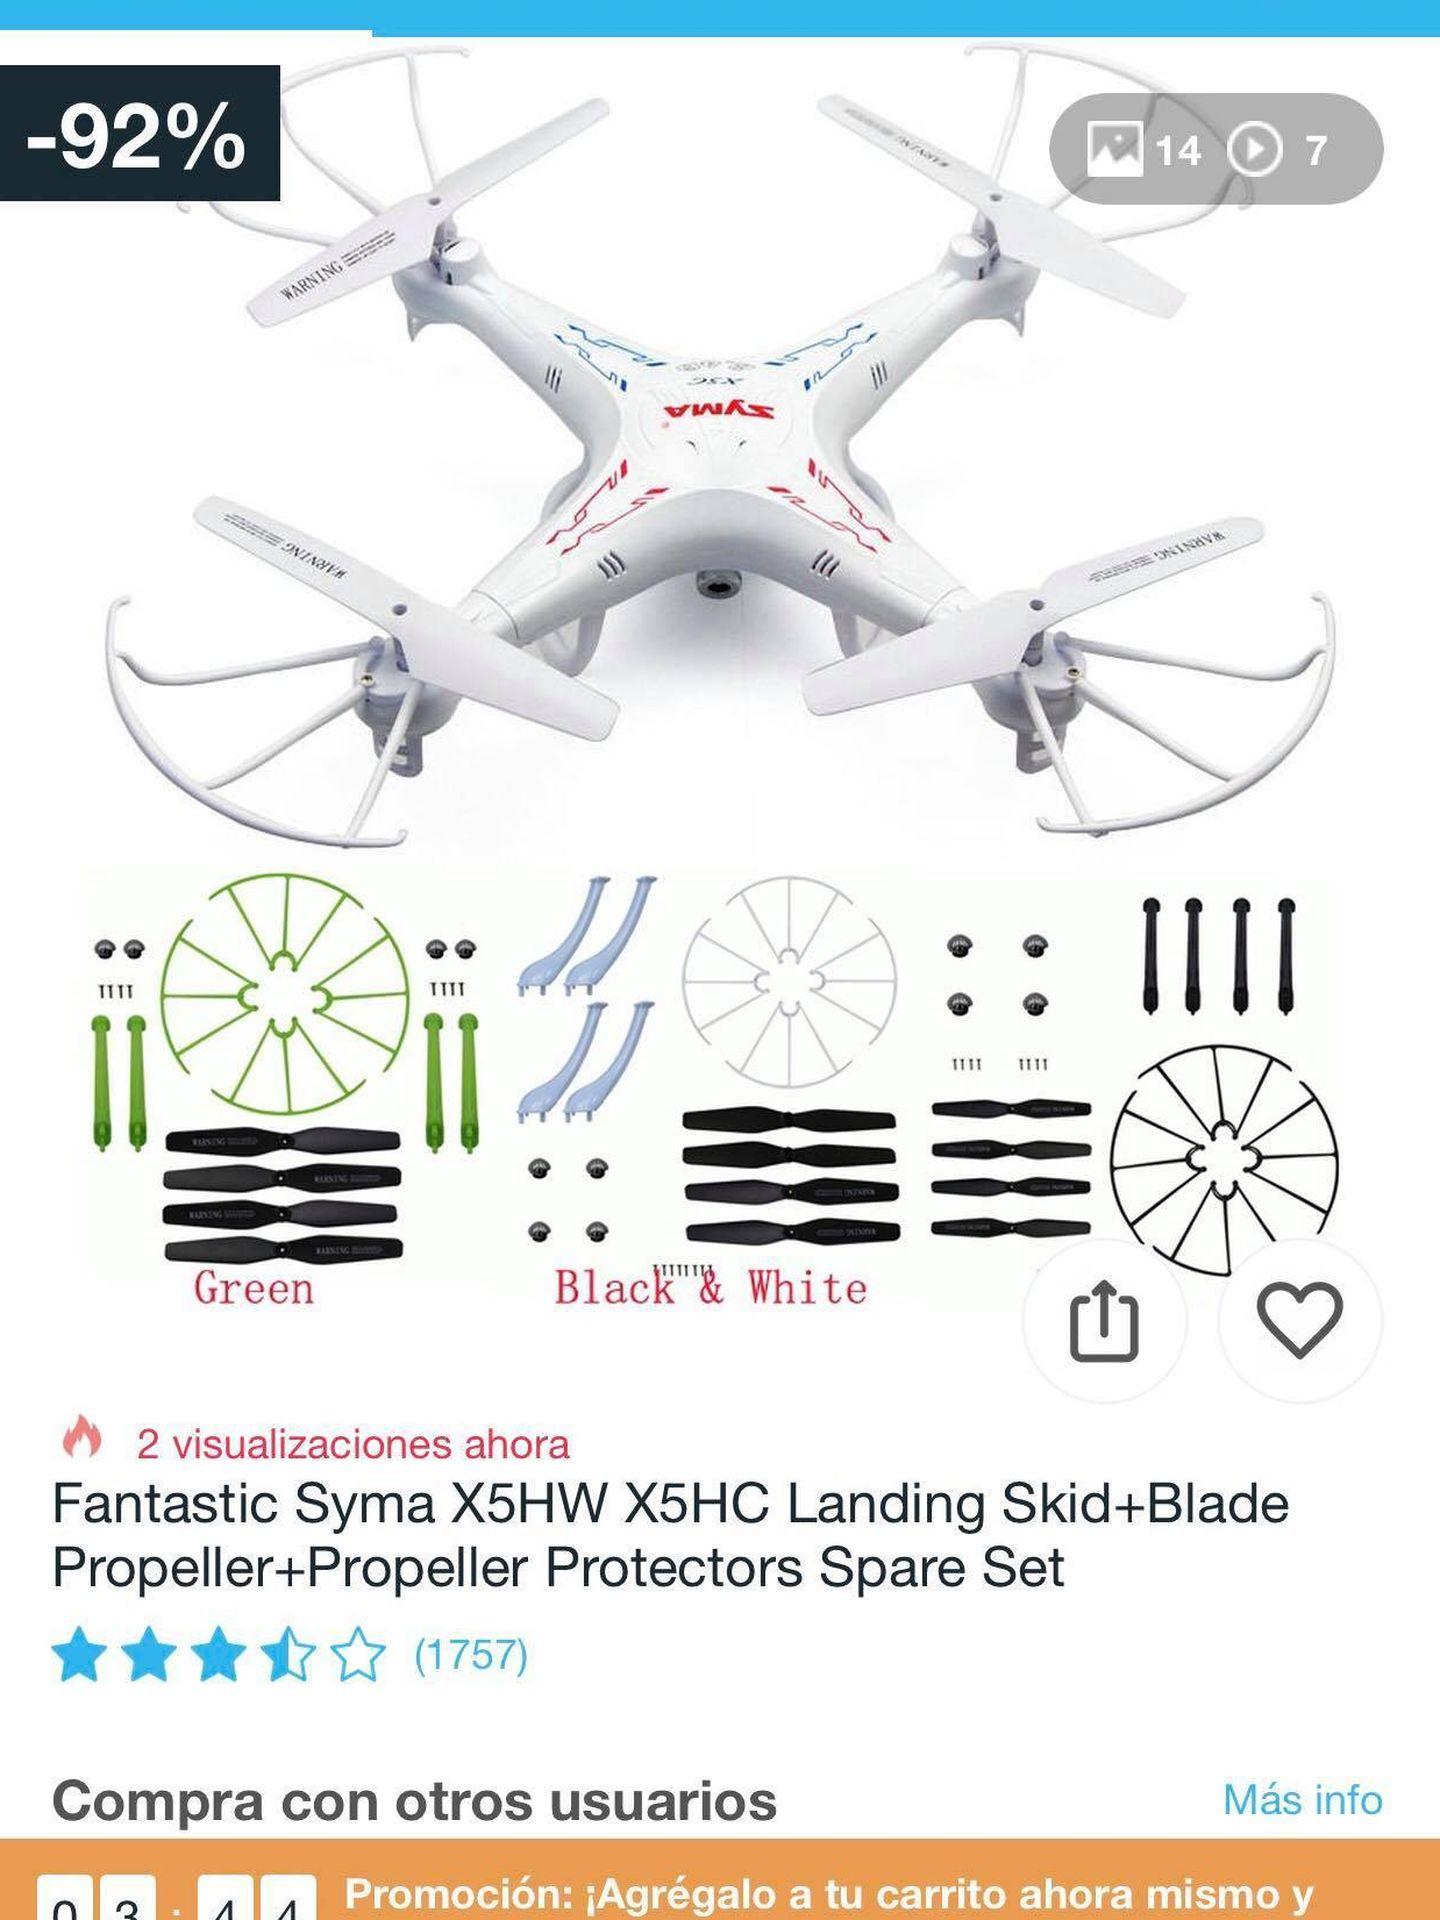 Oferta del 'drone'